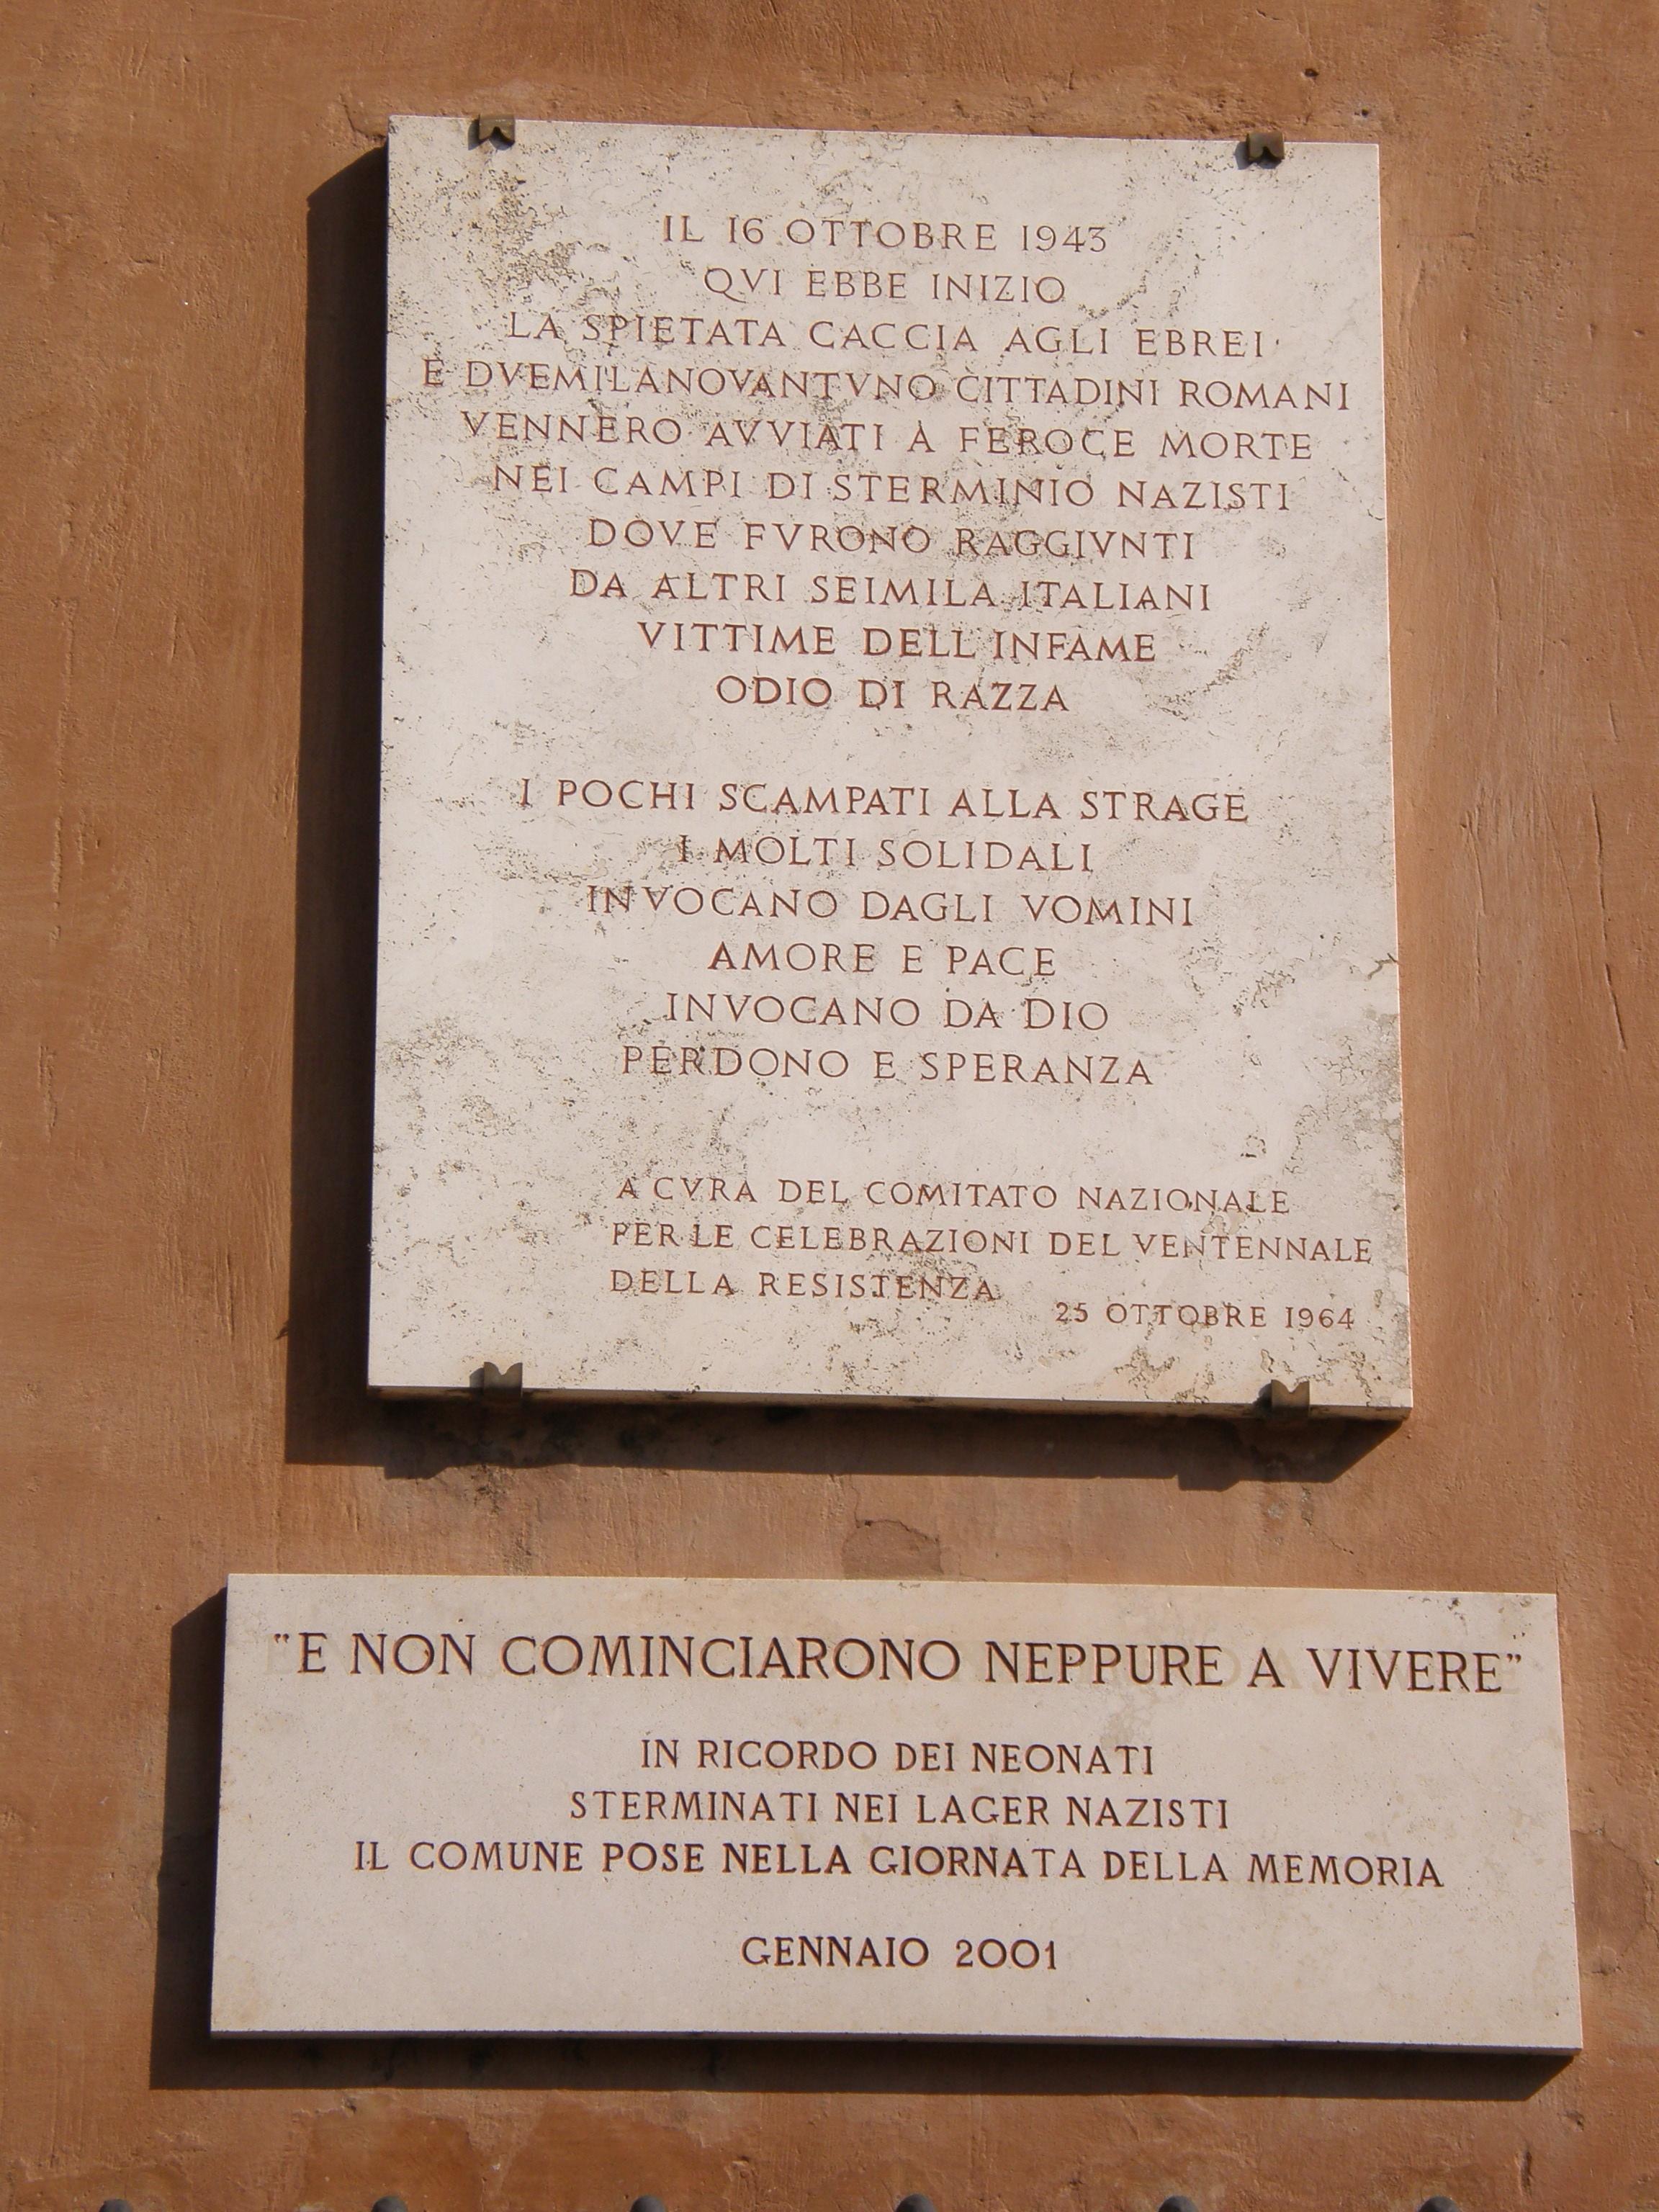 Fileholocaust Memorial In Rome Jewish Ghettog Wikimedia Commons